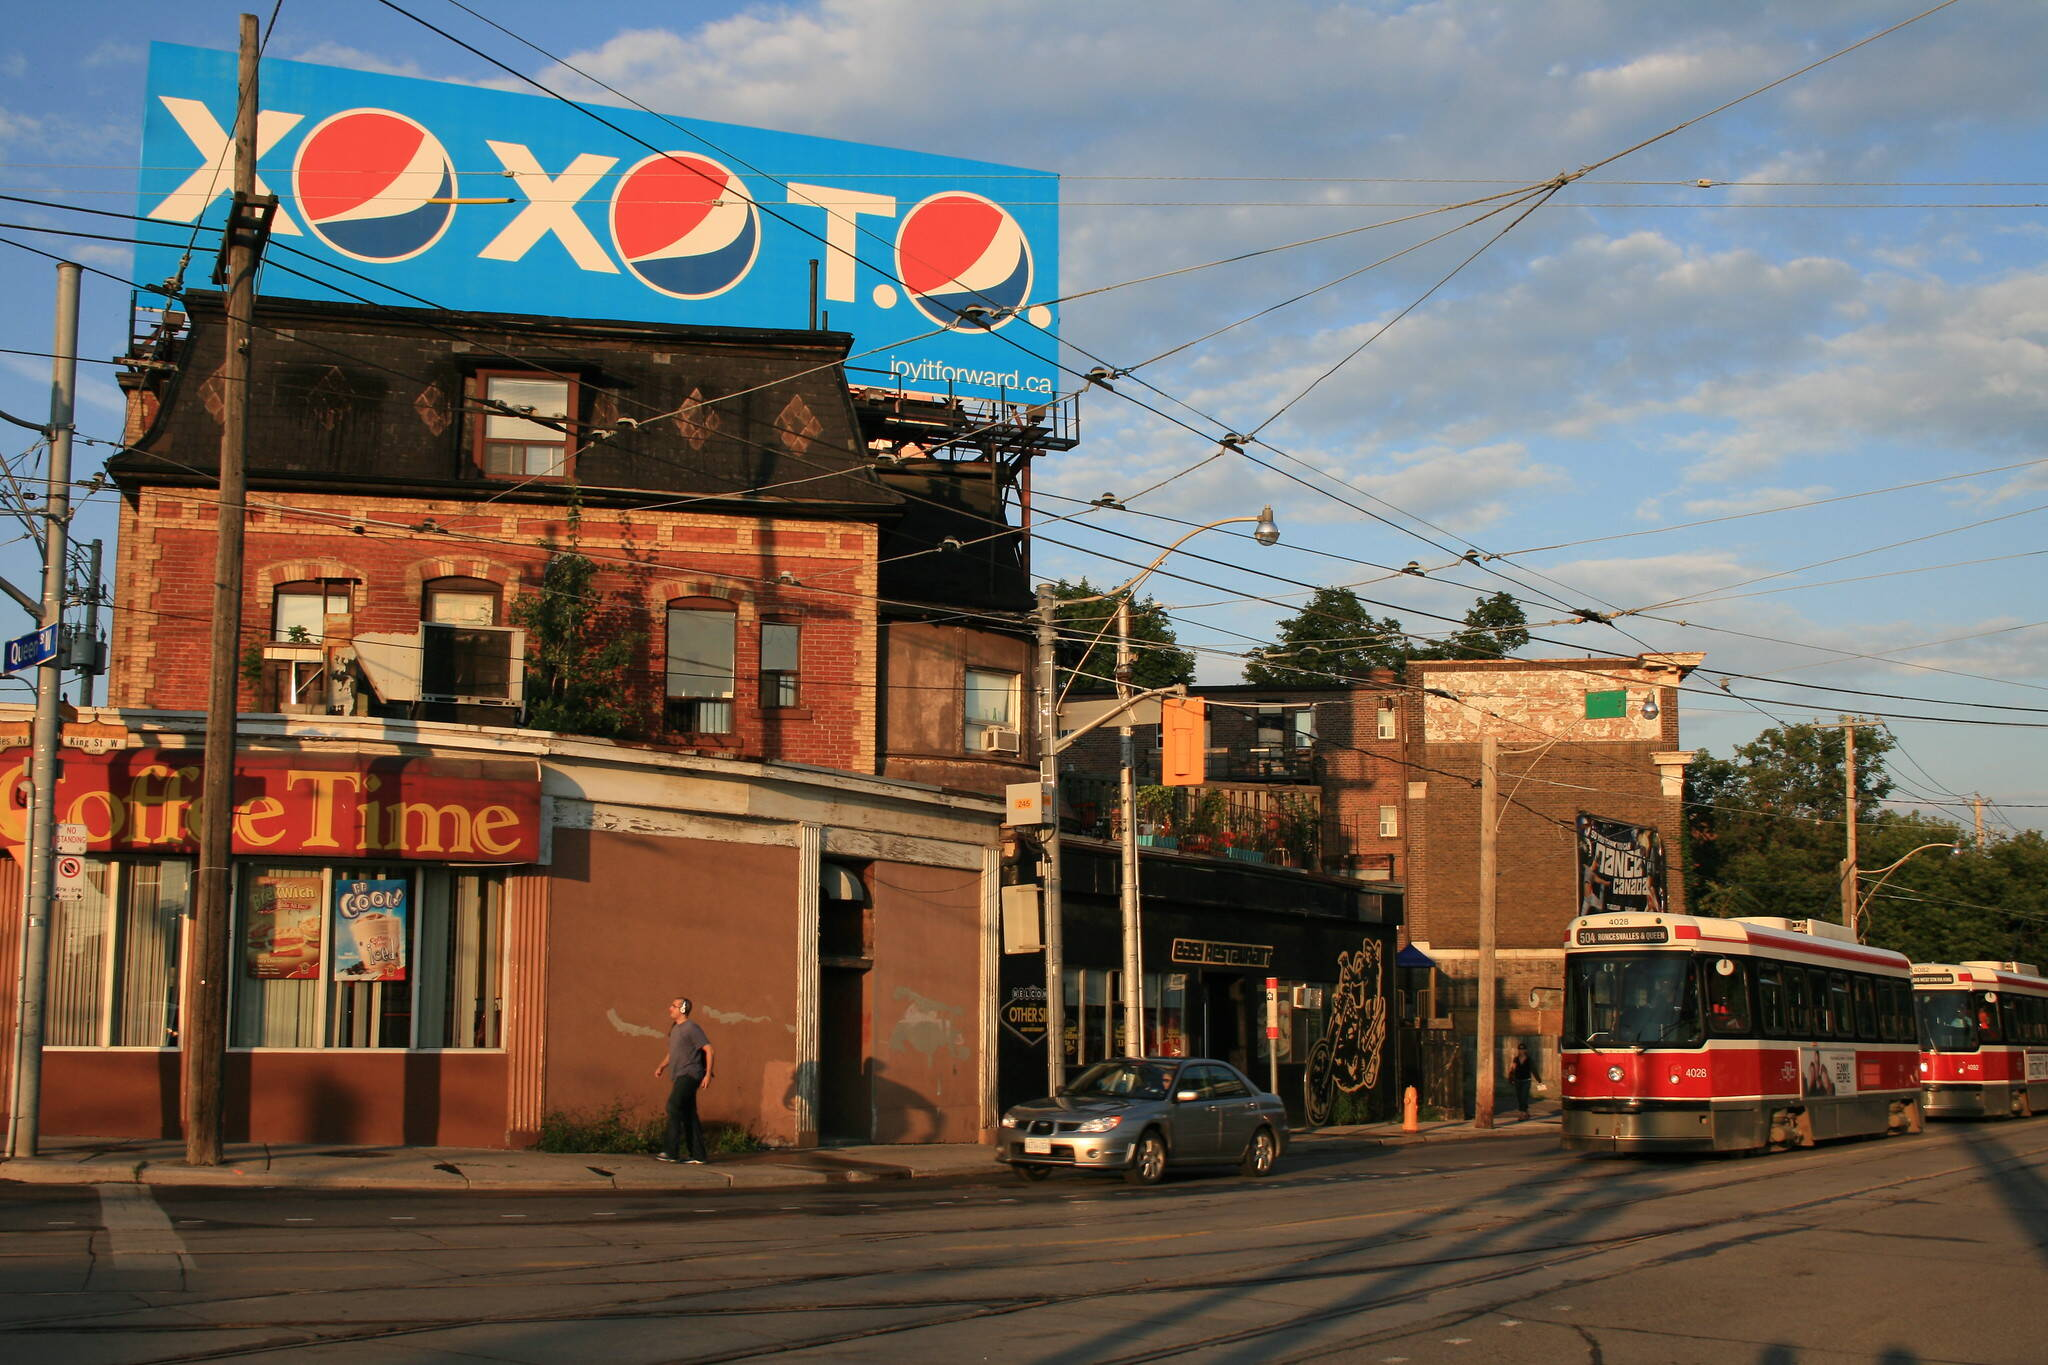 toronto intersection overhaul